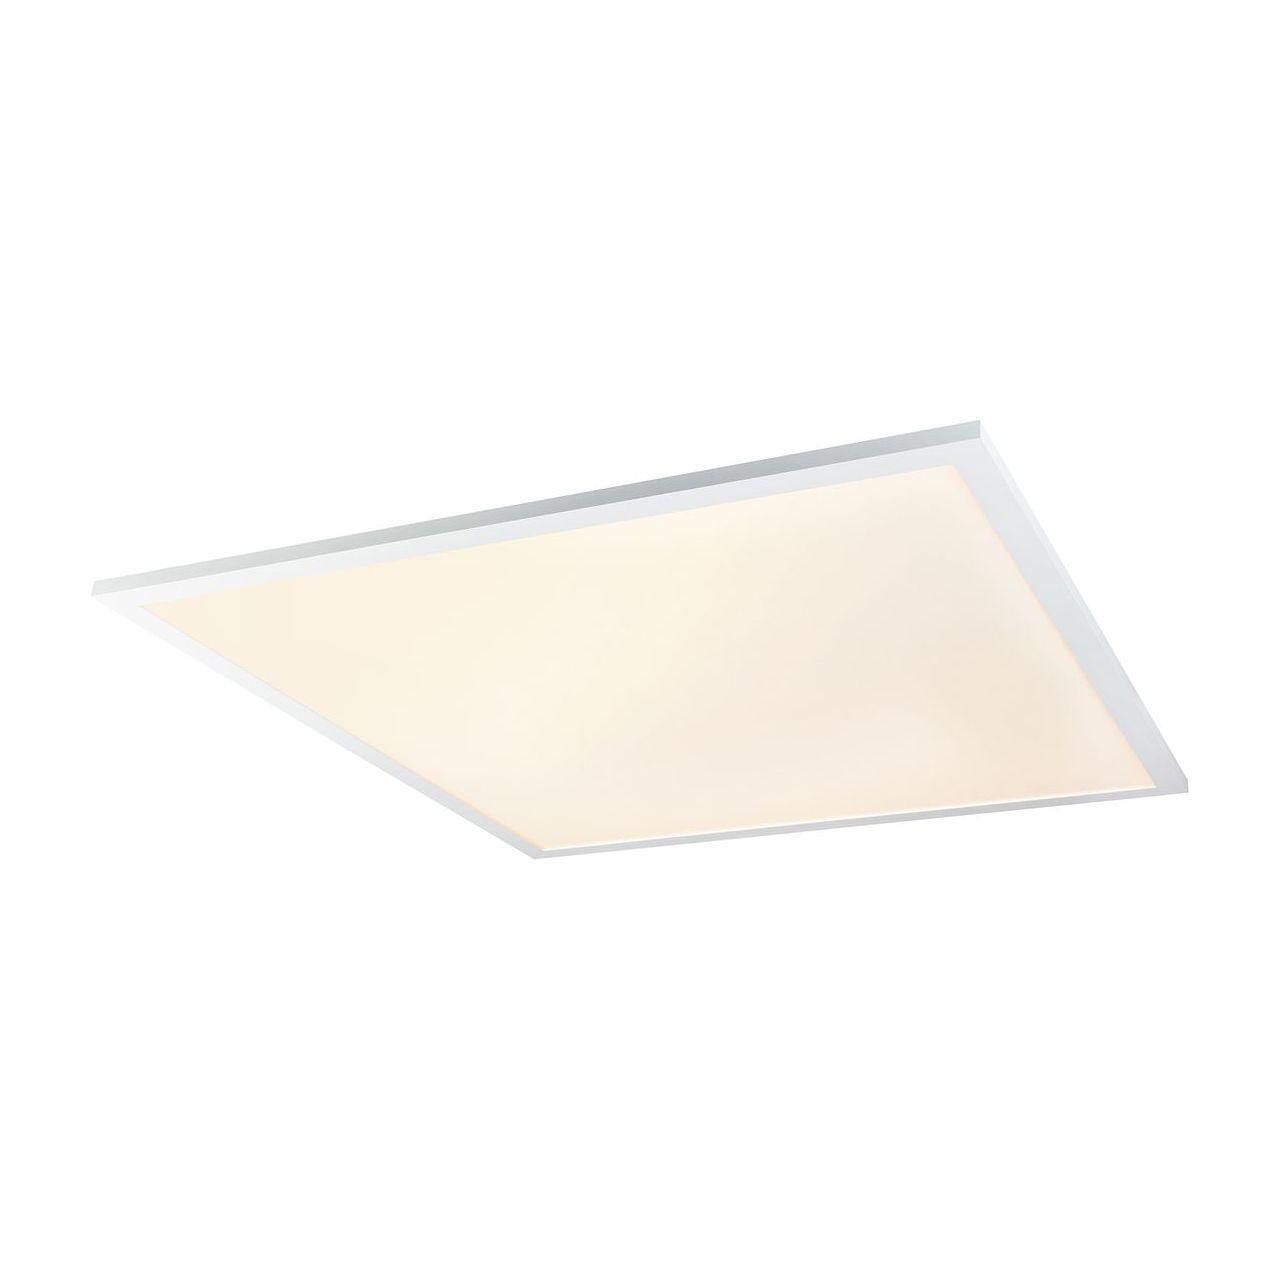 Потолочный светодиодный светильник Globo Rosi 41604D6F цены онлайн